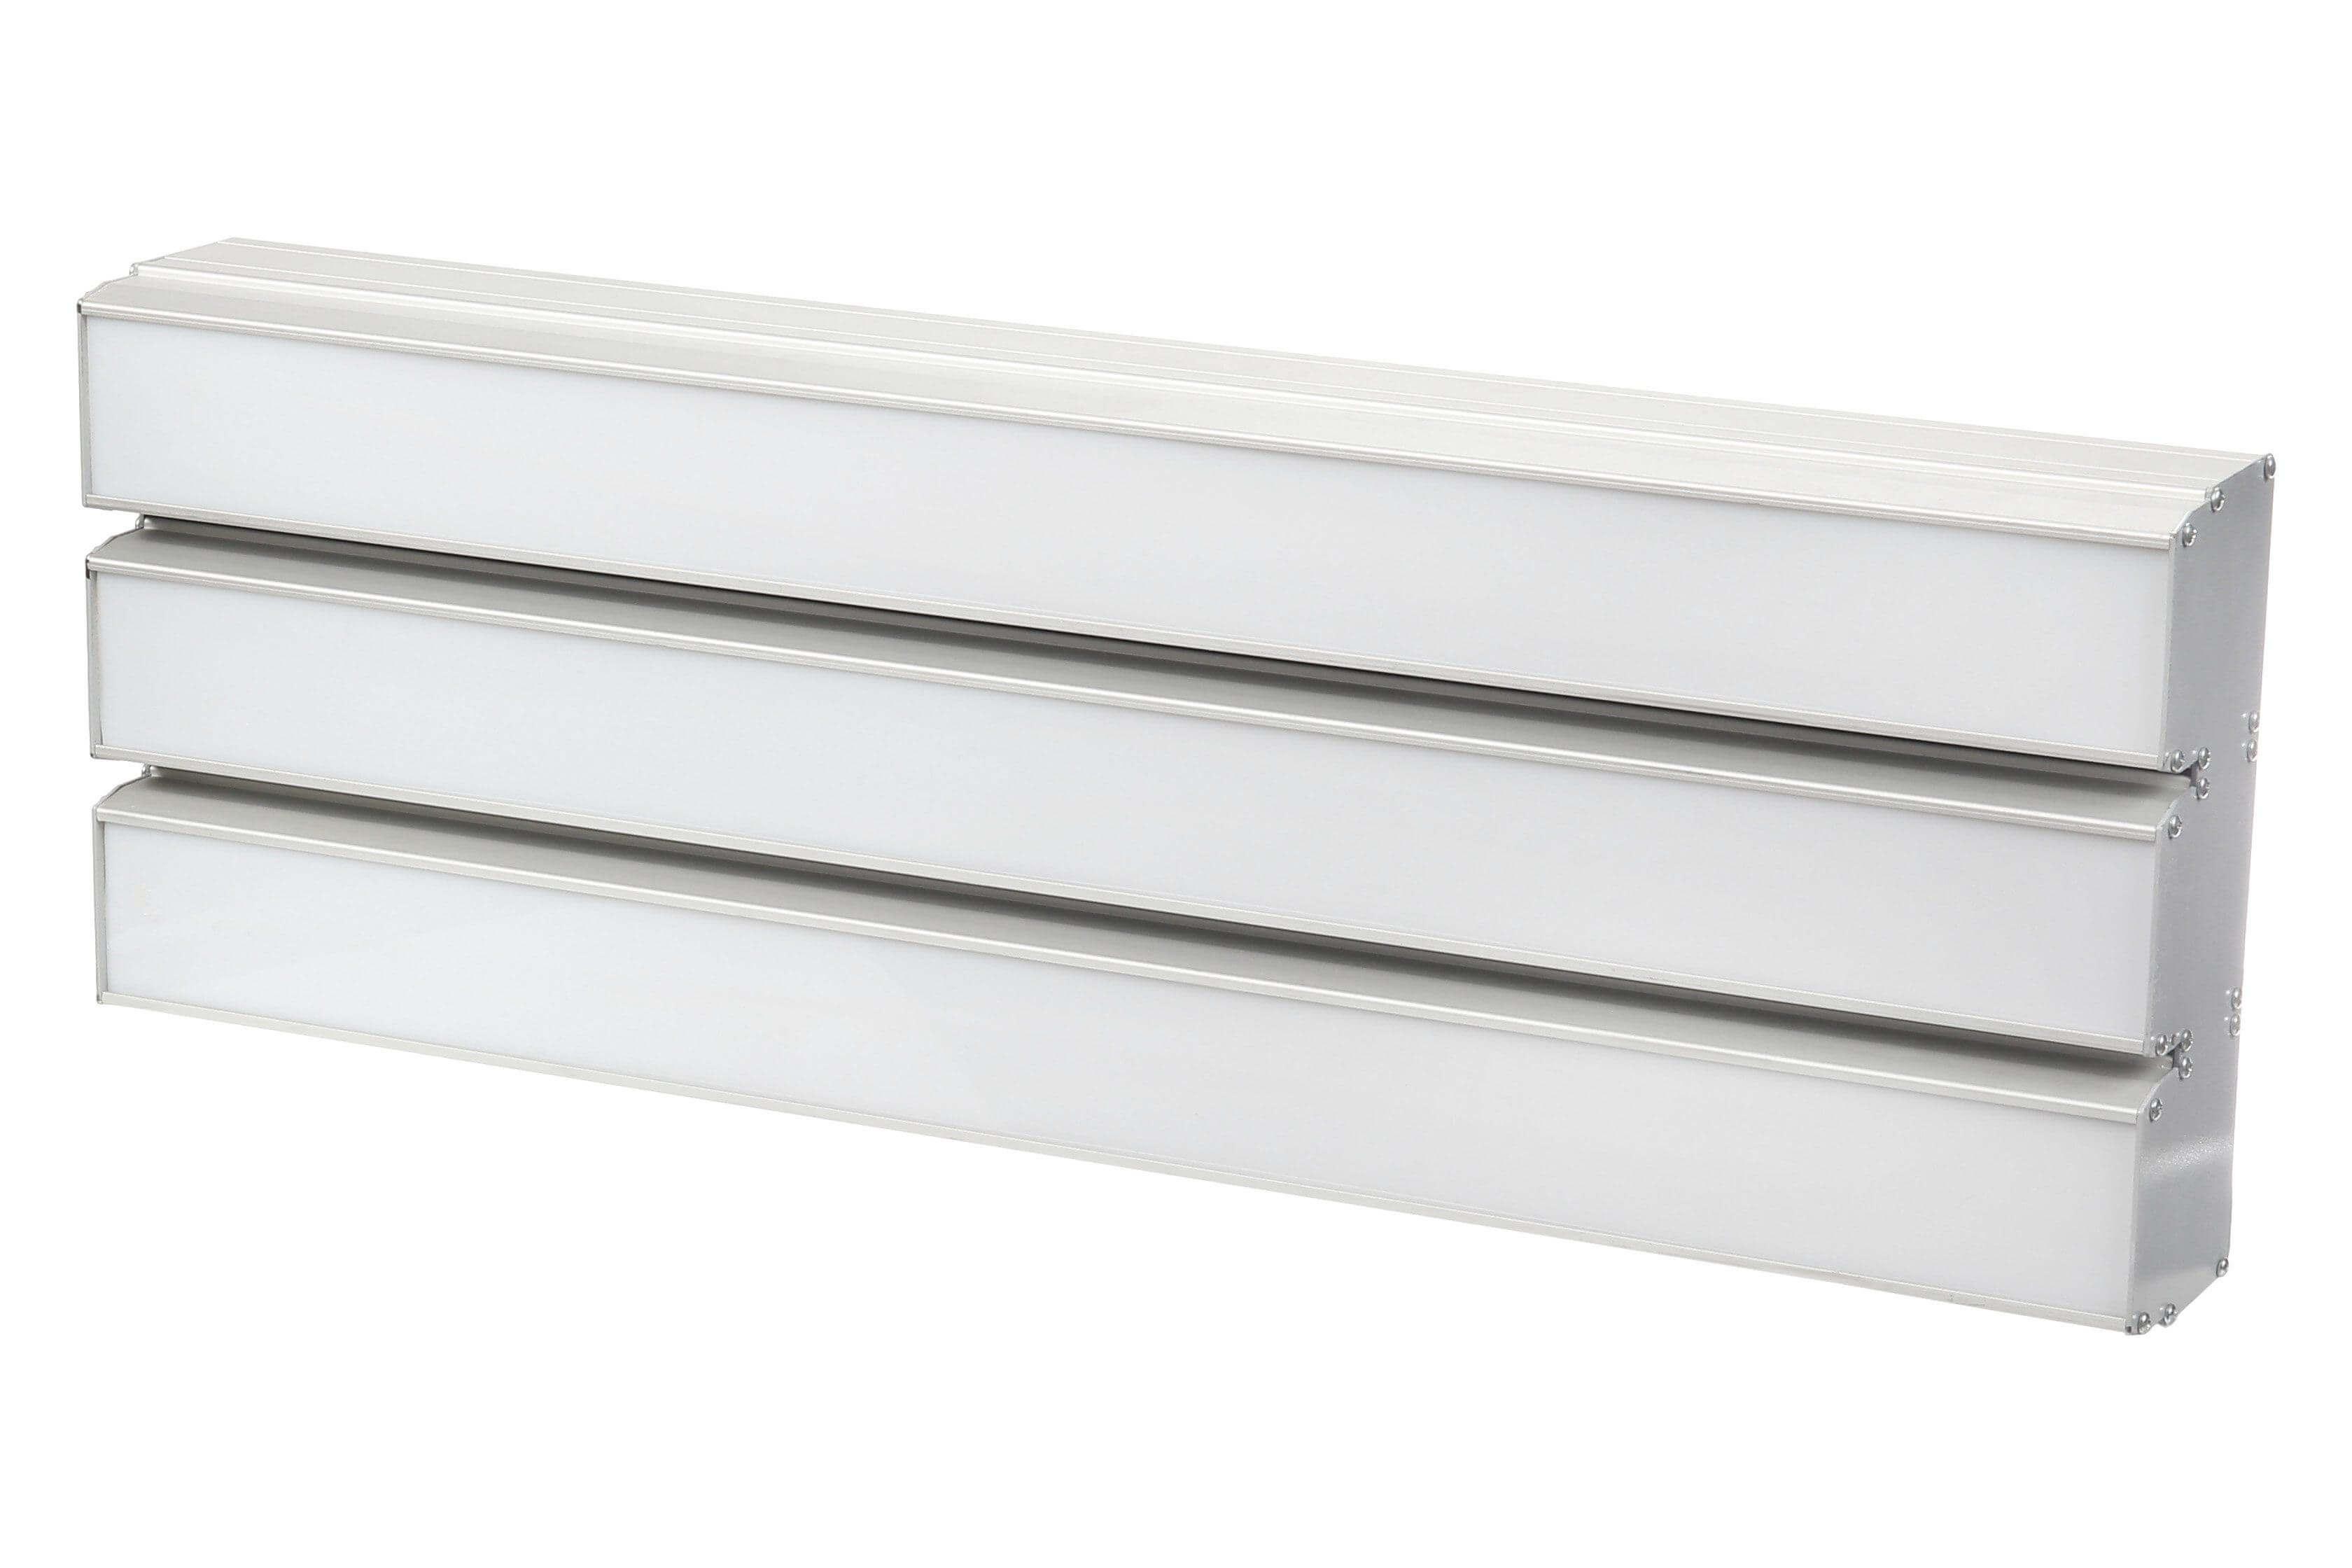 Светодиодный светильник LEDcraft LC-60-3PR2-OP-DW 60 Ватт IP20 (332 мм) Нейтральный Опал